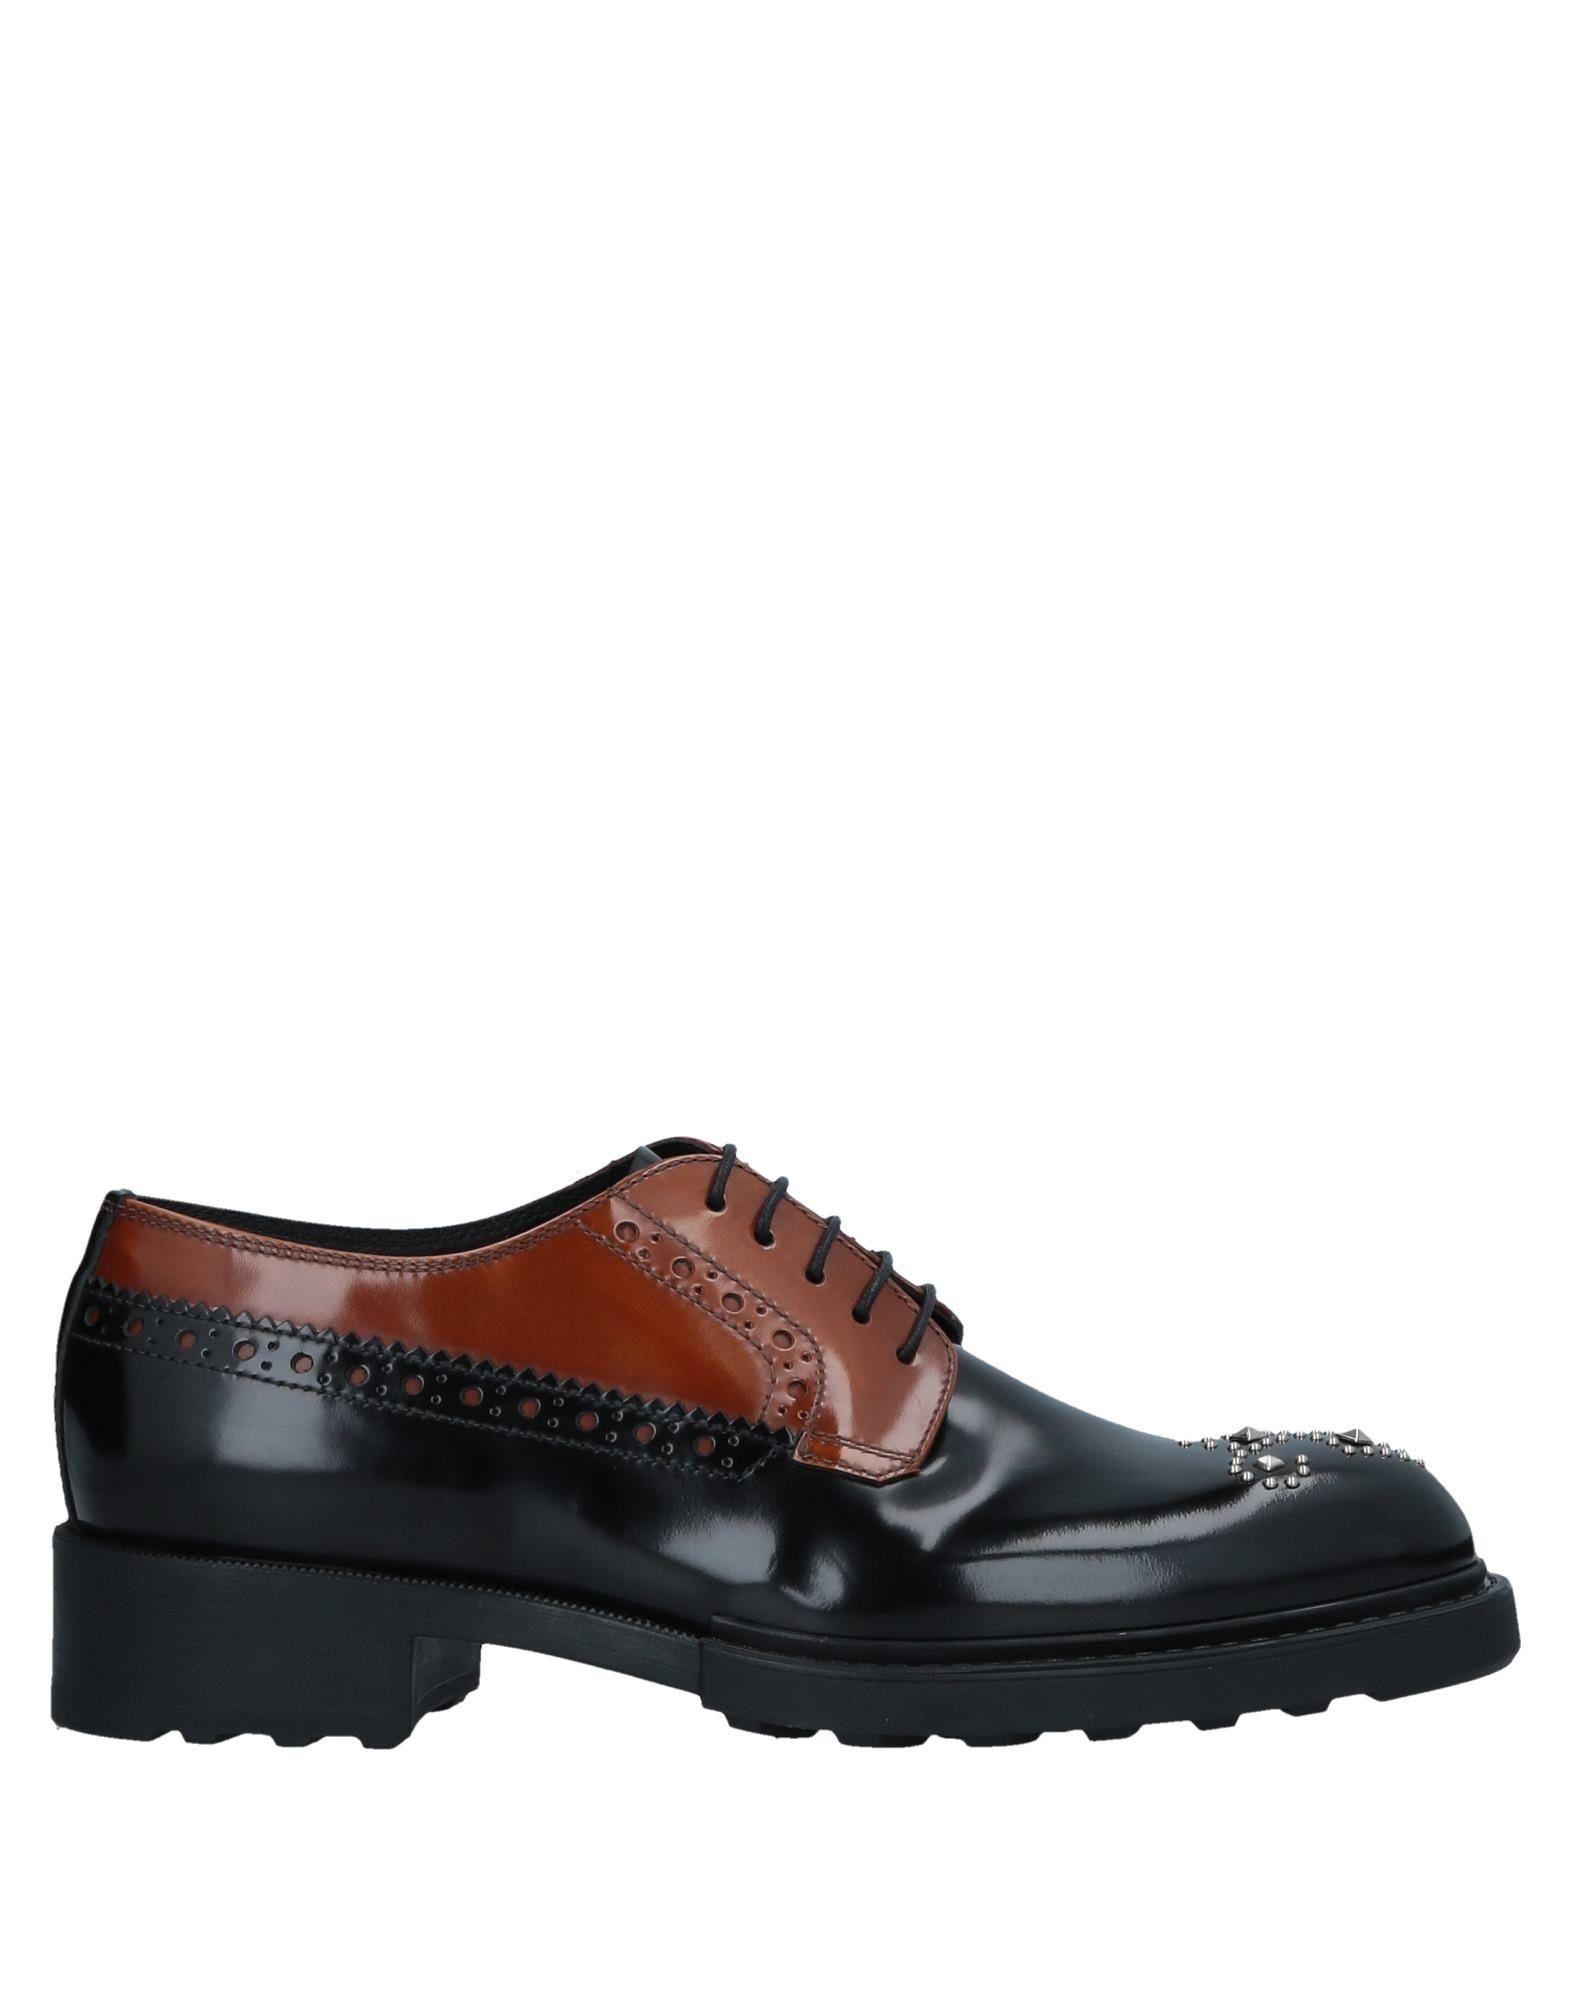 Barracuda Schnürschuhe Damen  11536395VIGut aussehende strapazierfähige Schuhe